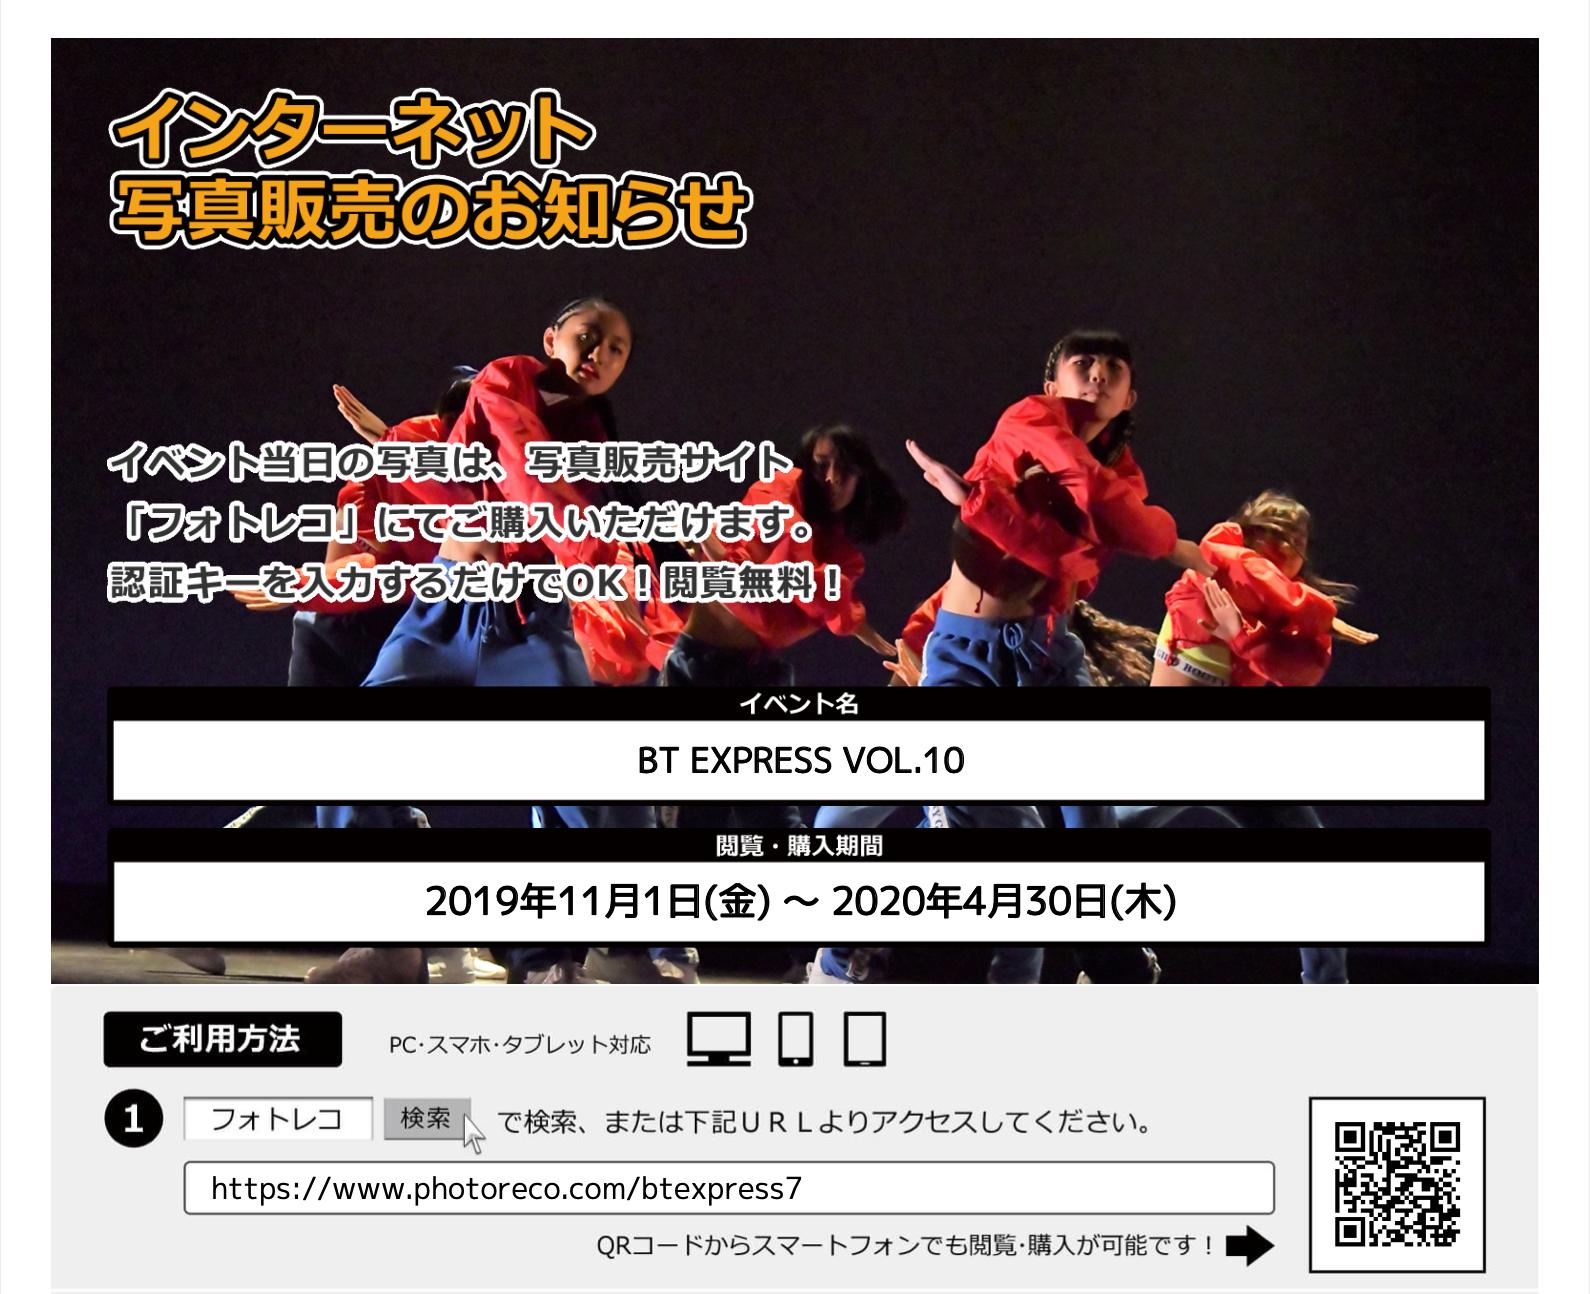 スクリーンショット 2020-04-20 23.53.29